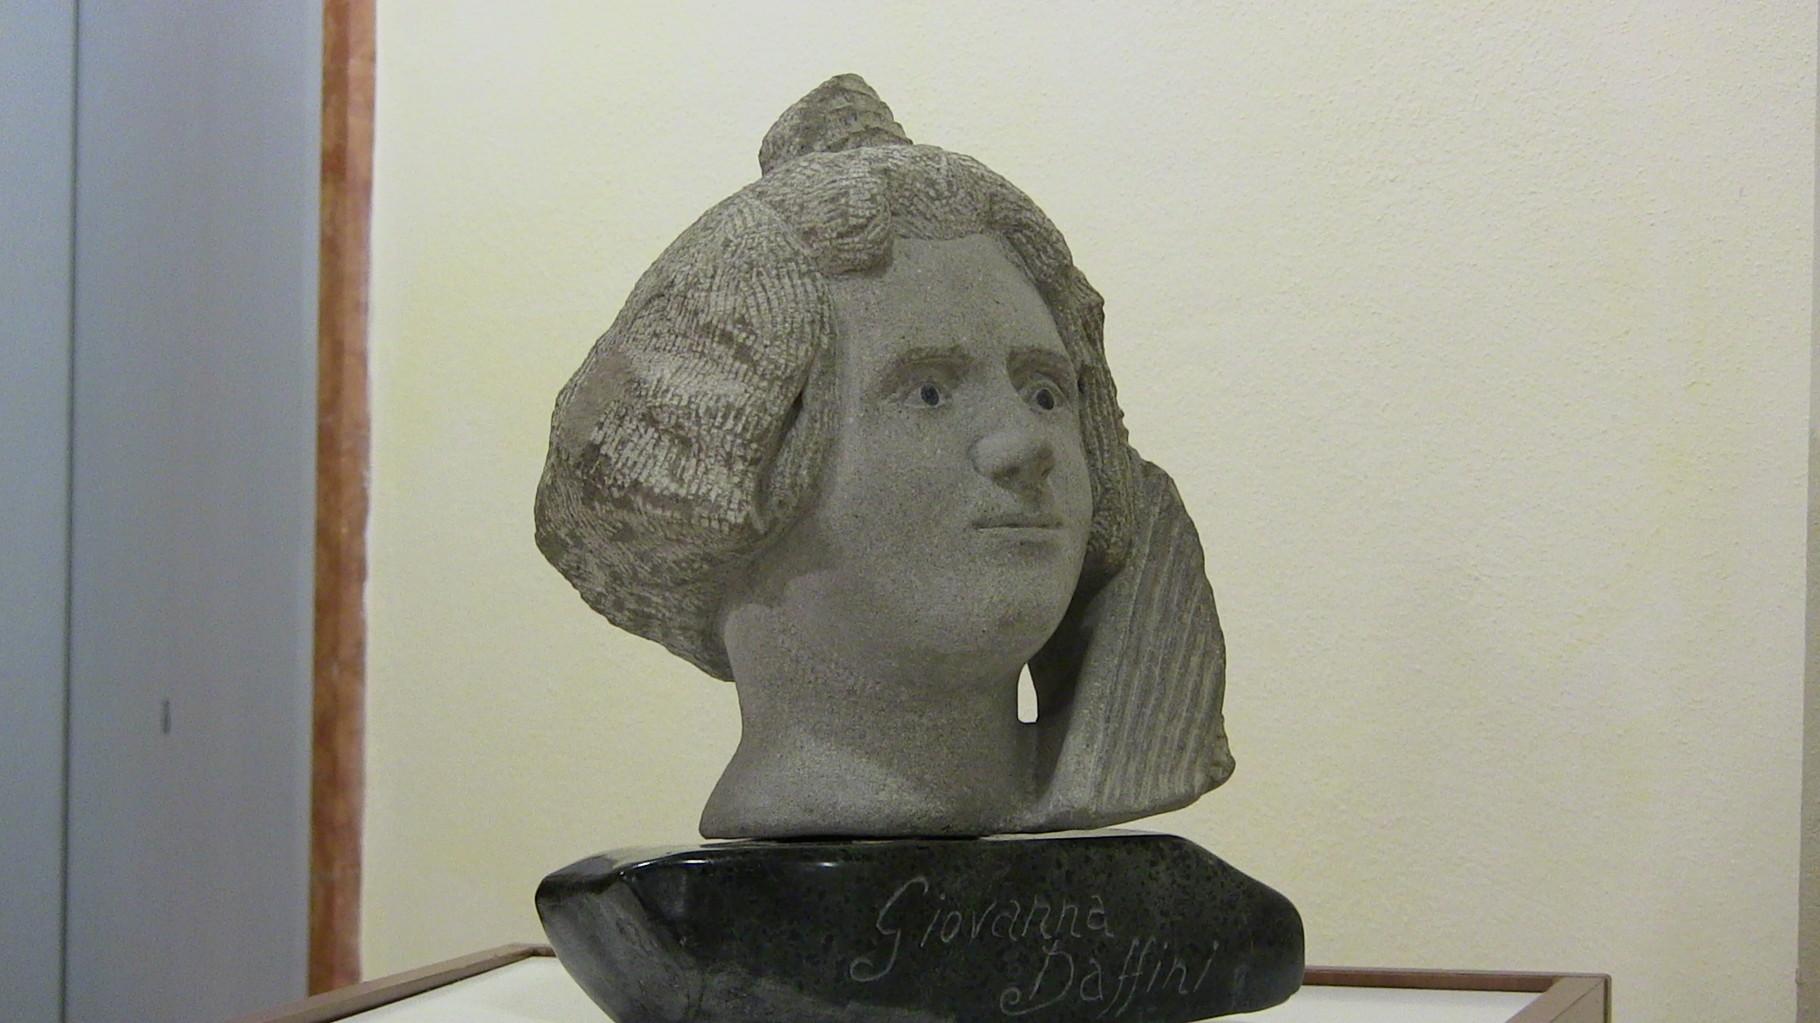 scultura in pietra di fiume raffigurante Giovanna Daffini   dell'Artista pistoiese Dorando Baldi